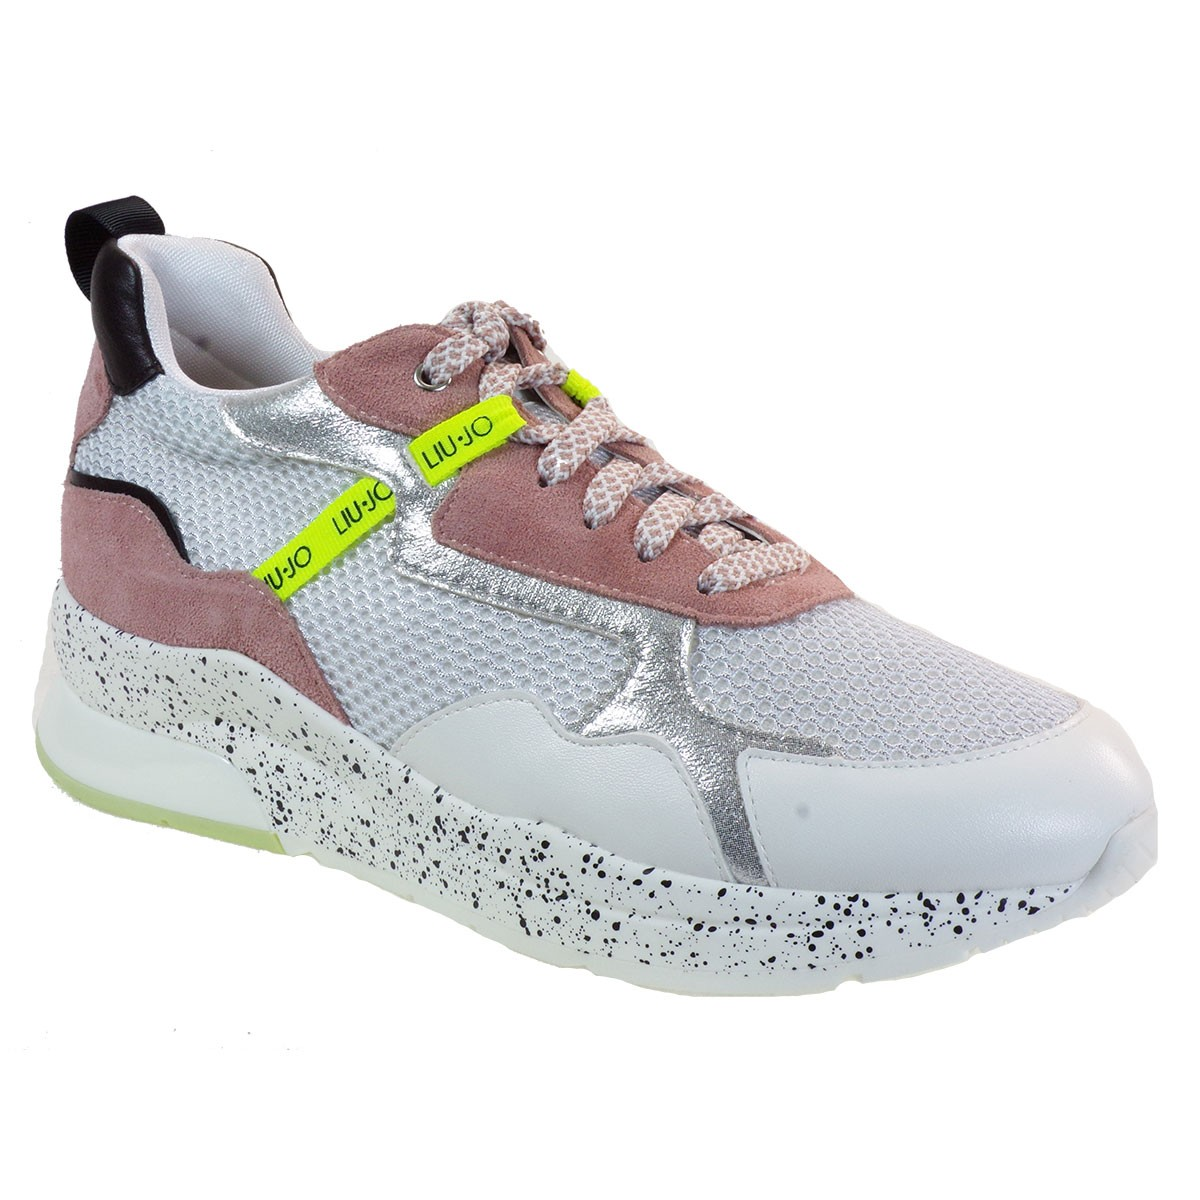 Liu-Jo Sneakers Παπούτσια Γυναικεία KARLIE-35 BA0011 Nude 51315